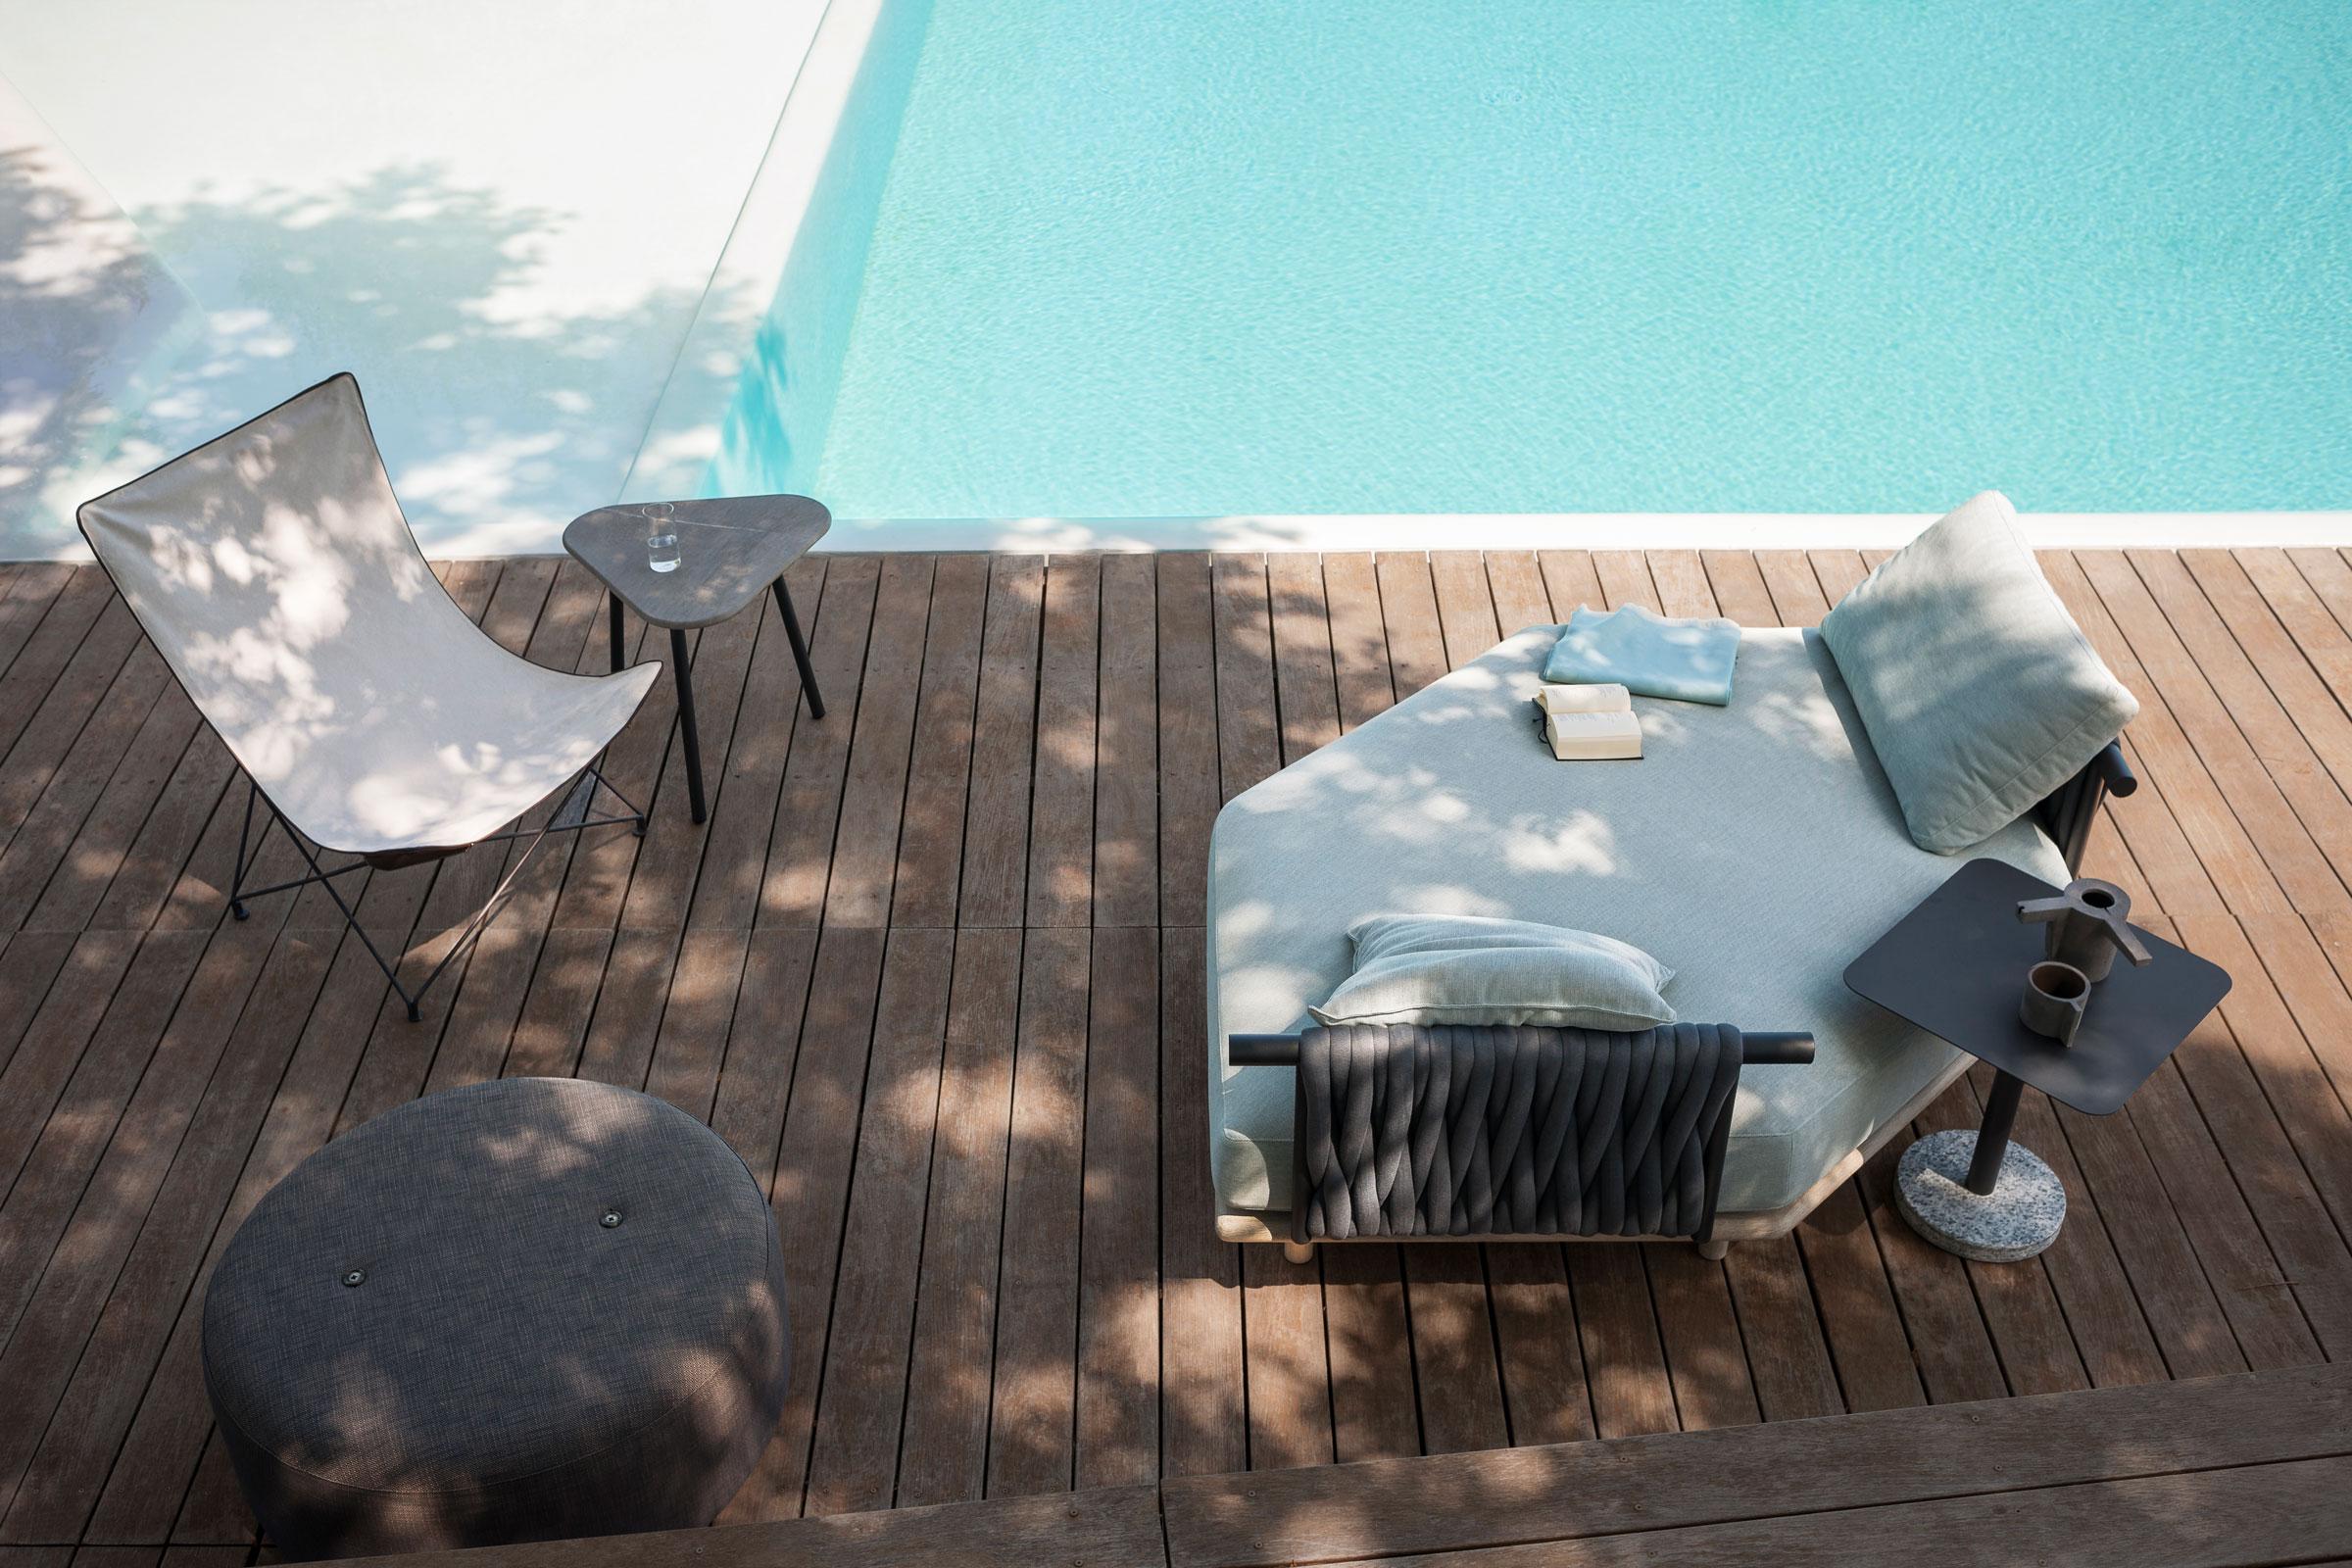 hauser-design-loungesituation-von-roda